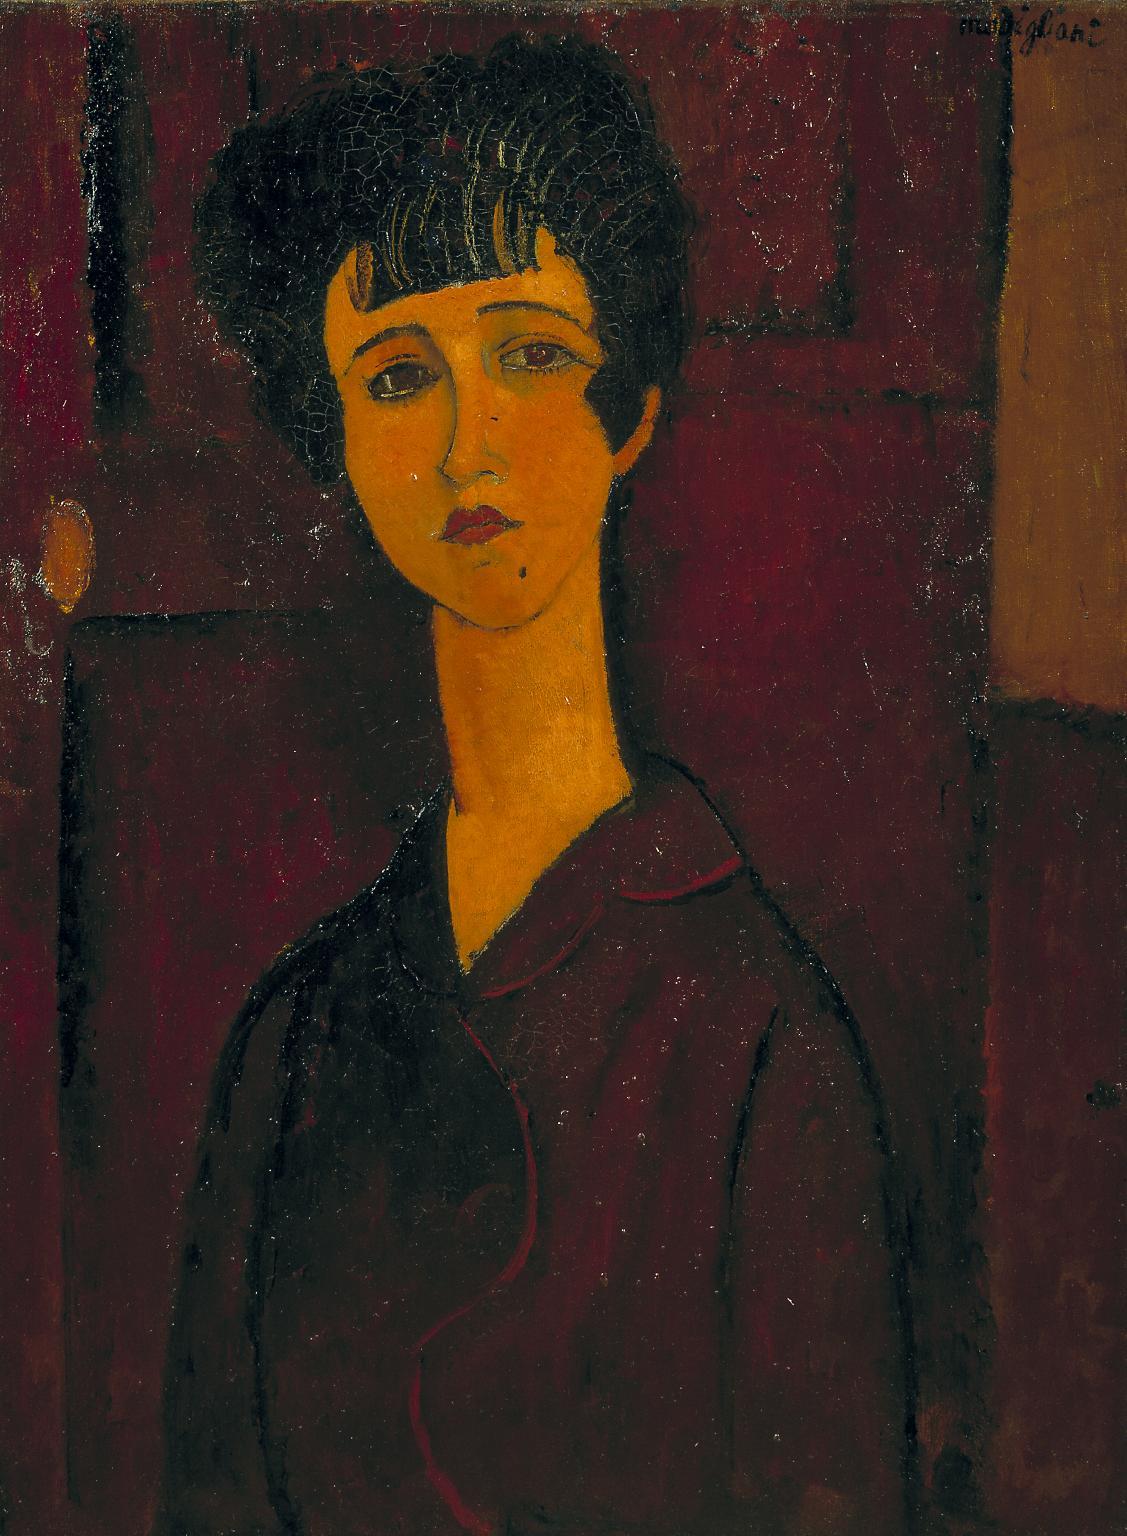 Амедео Модильяни. Портрет девочки, 1917